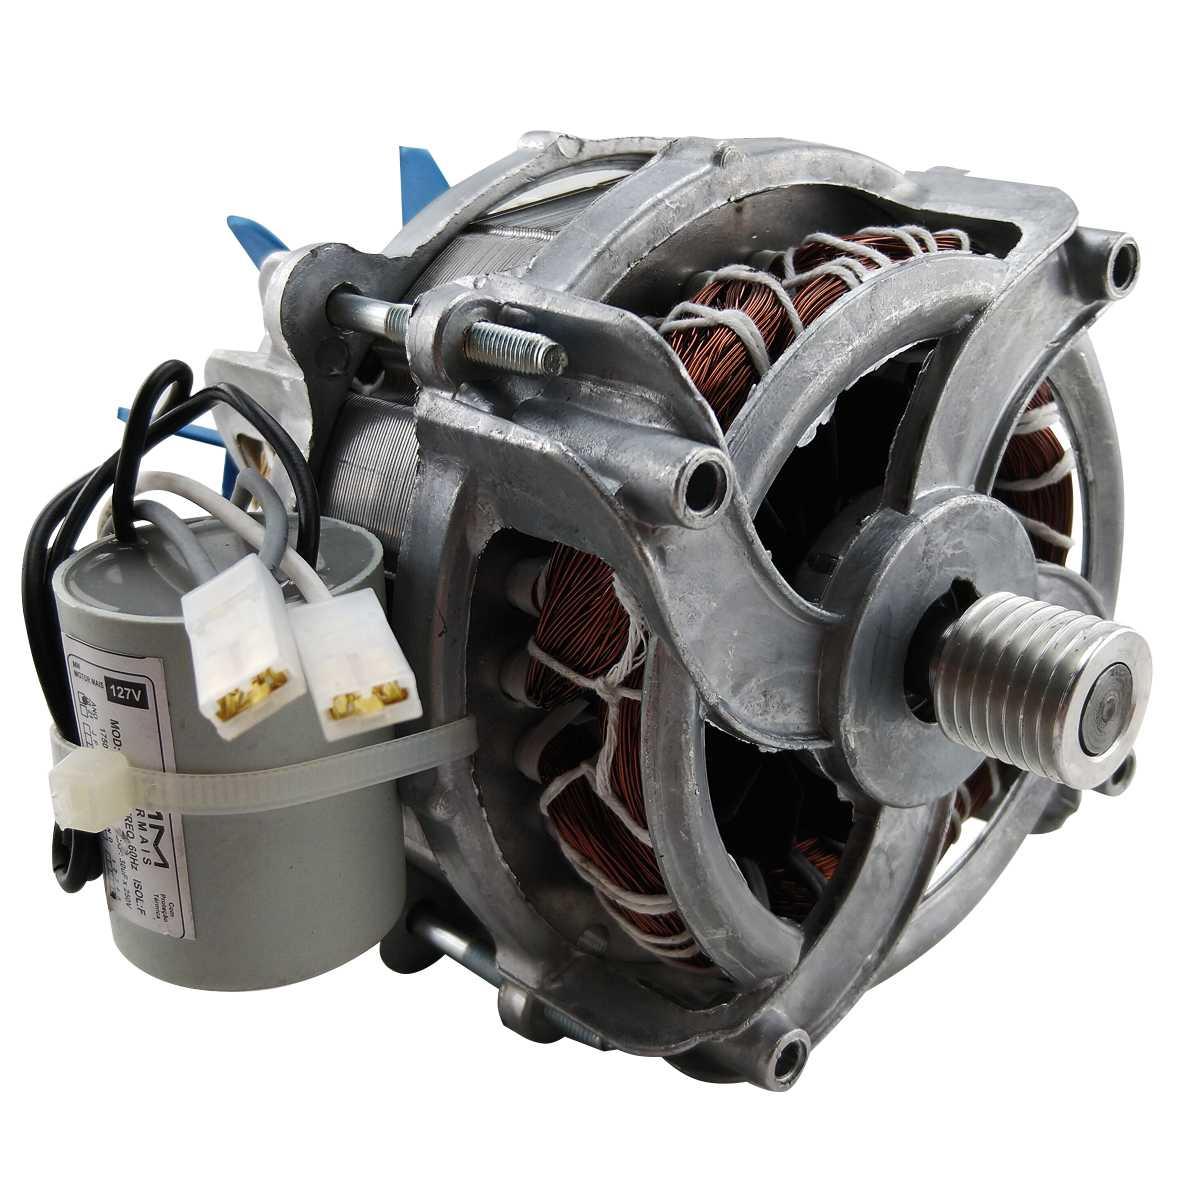 Motor tanquinho Arno Intense polia estriada 127v